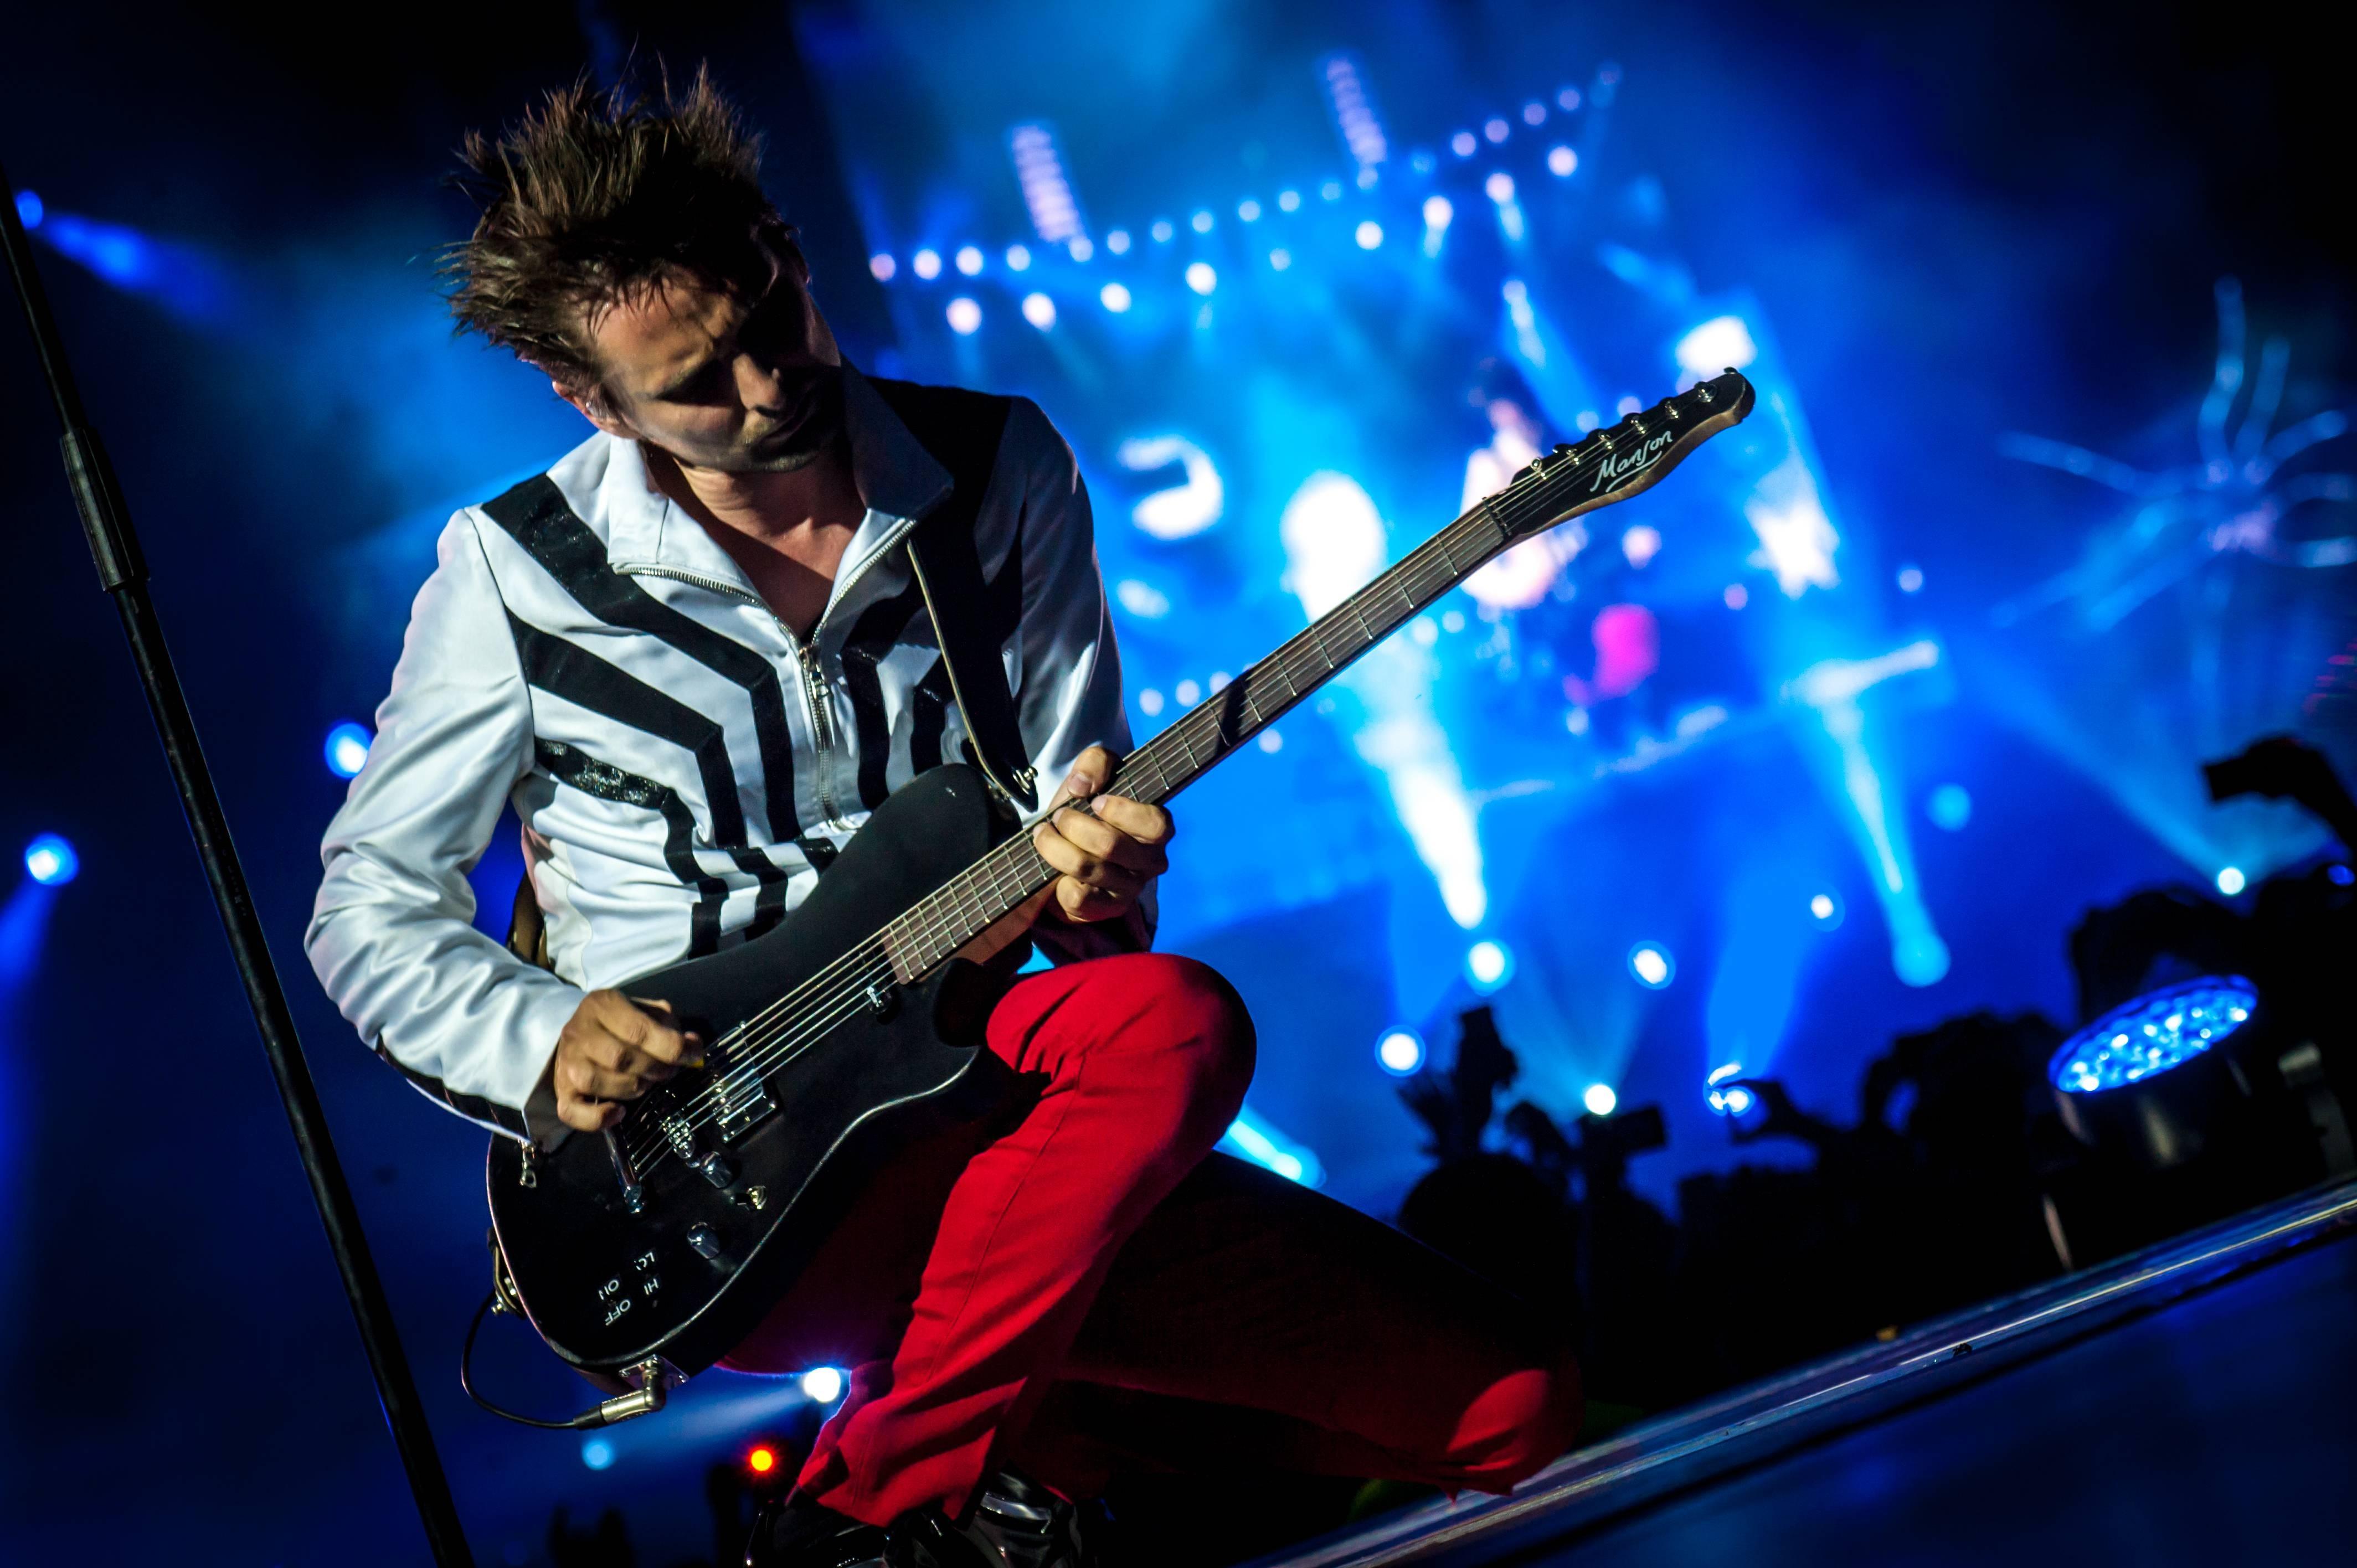 Fond Décran La Musique Musicien Guitariste Muse En Chantant